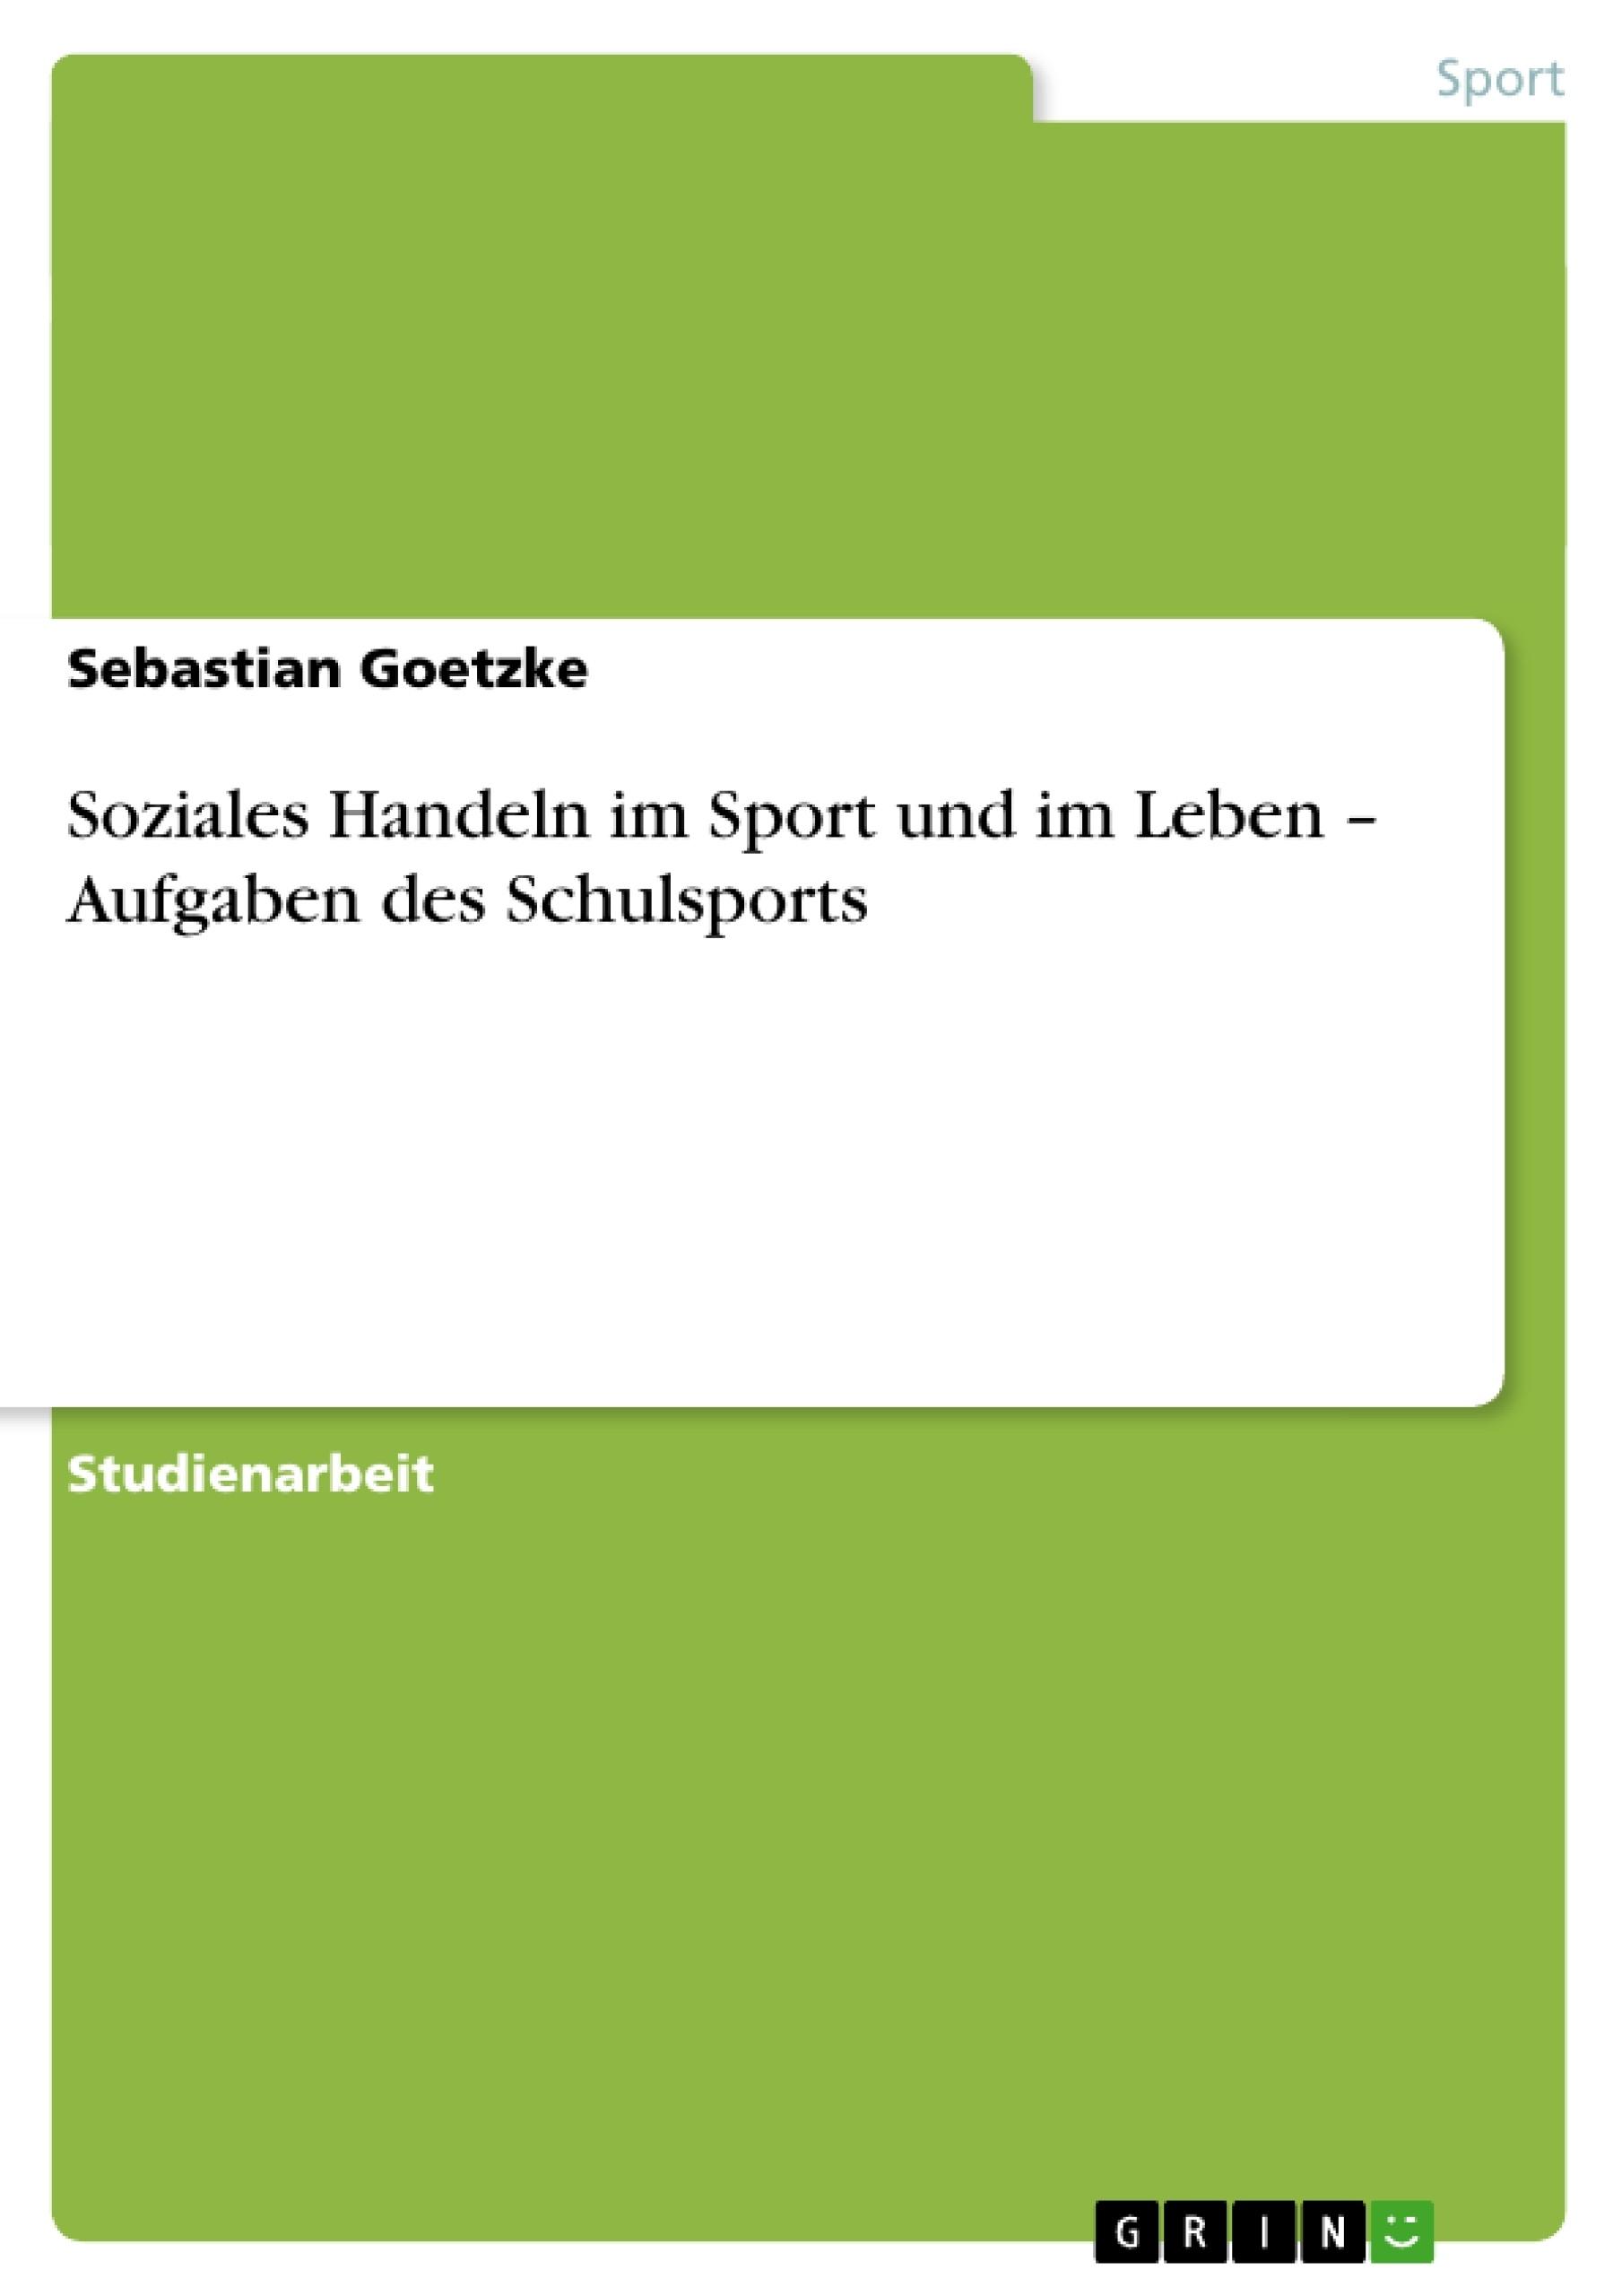 Titel: Soziales Handeln im Sport und im Leben – Aufgaben des Schulsports